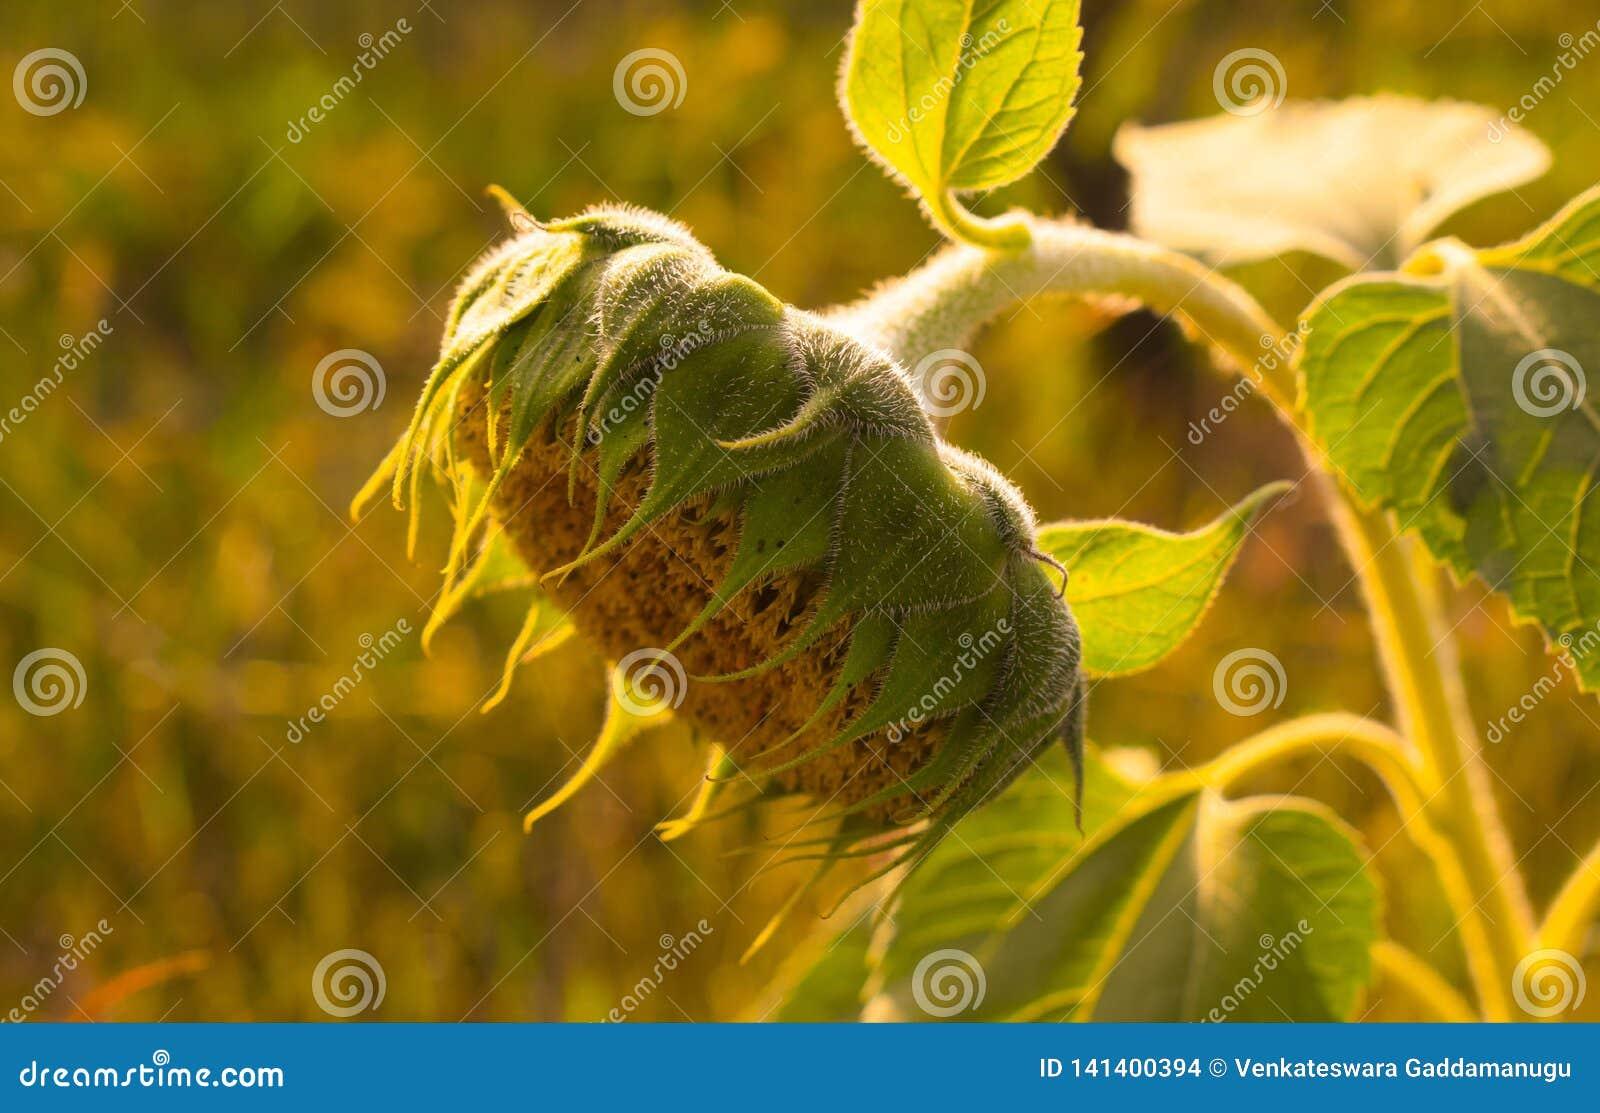 Sunflower Stock Photo Image Of Fashion Sunflower Photo 141400394